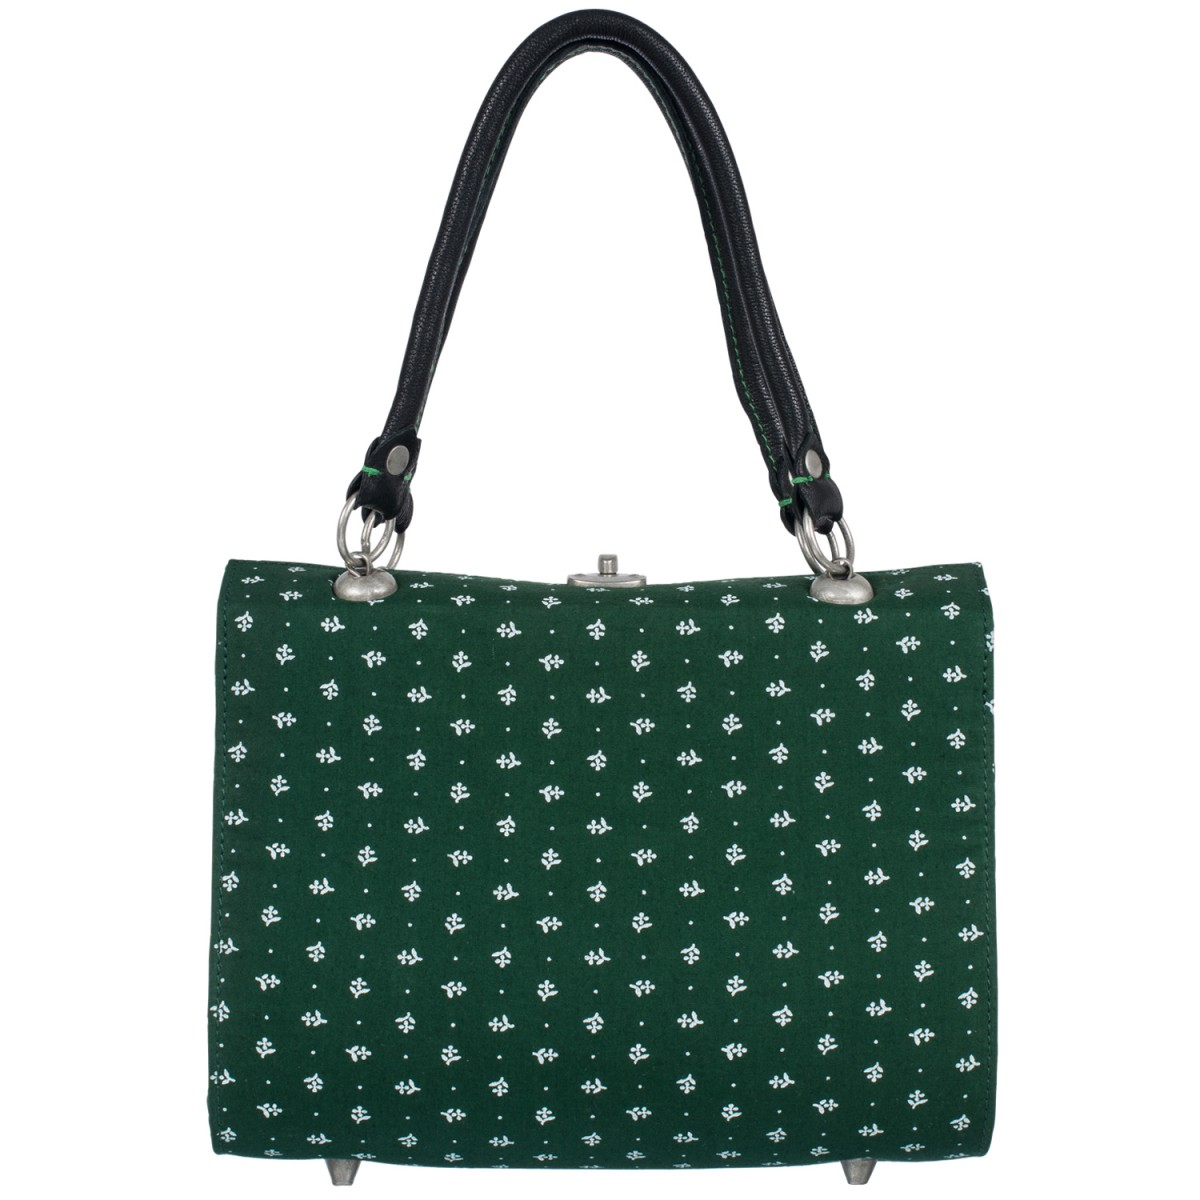 Süße Trachtentasche zum Dirndl in Grün von Almsach